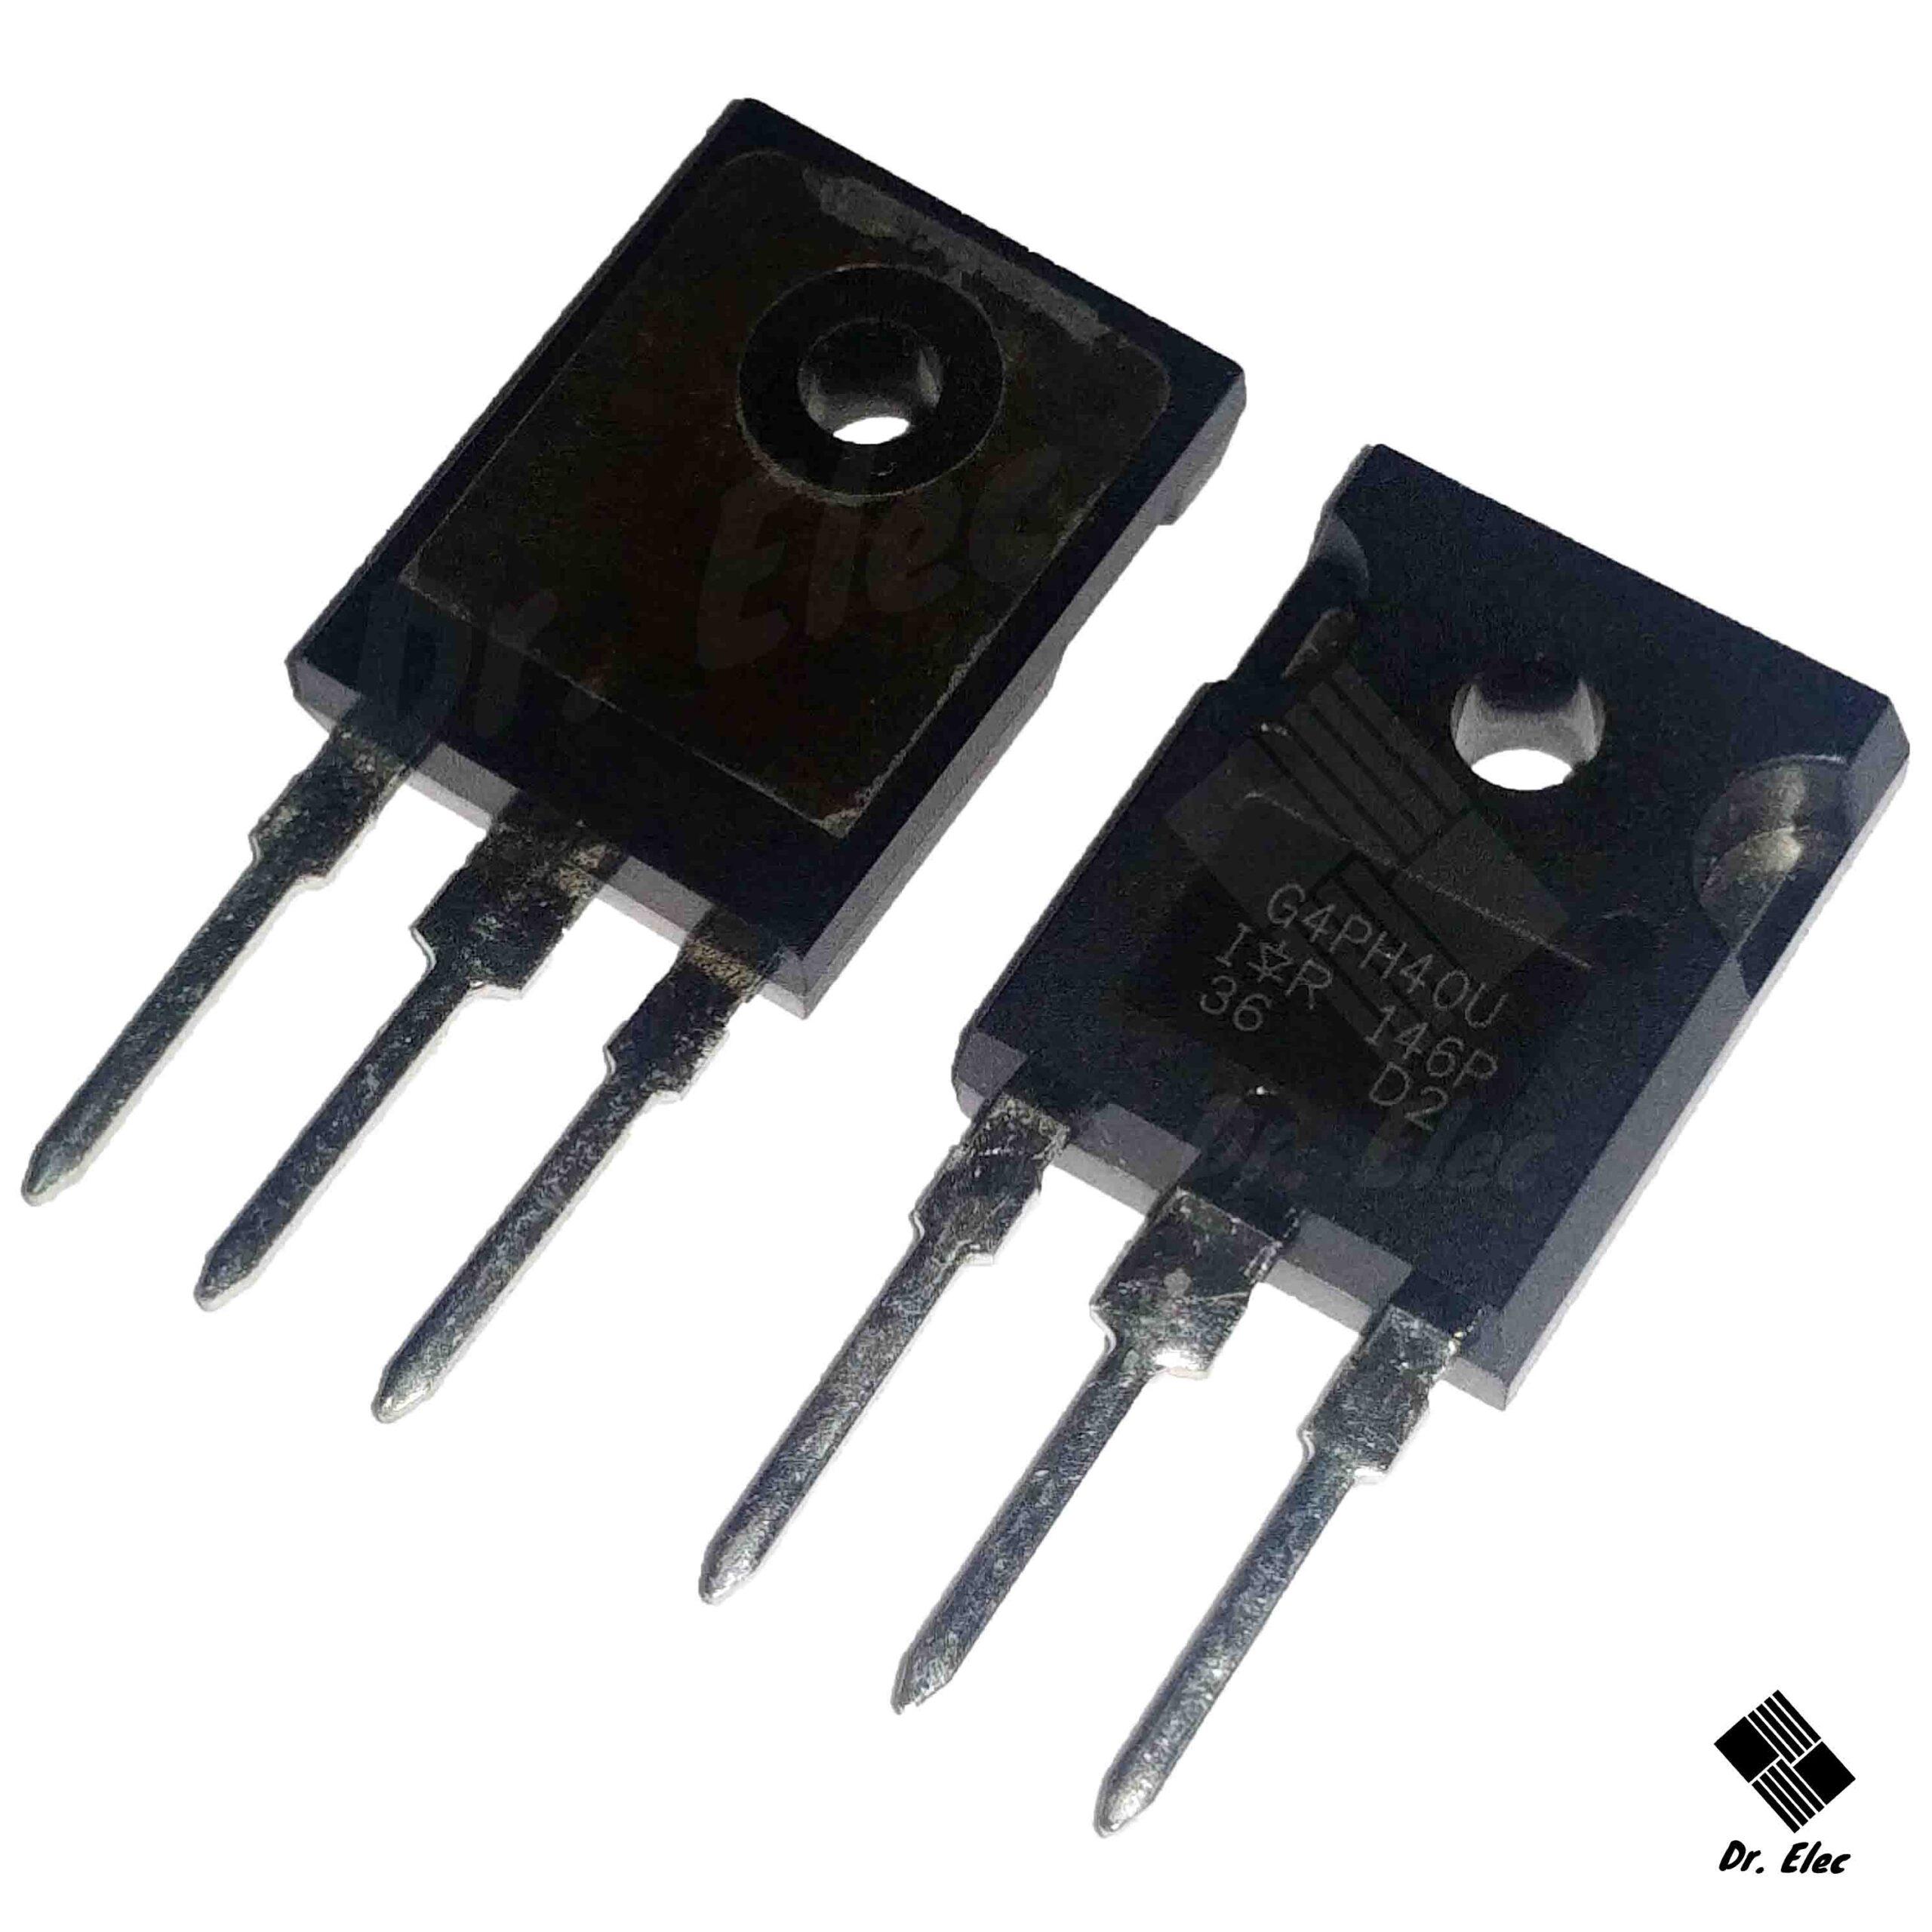 ترانزیستور G4PH40U   آی جی بی تی G4PH40U   ترانزیستور G4PH40   G4PH40U